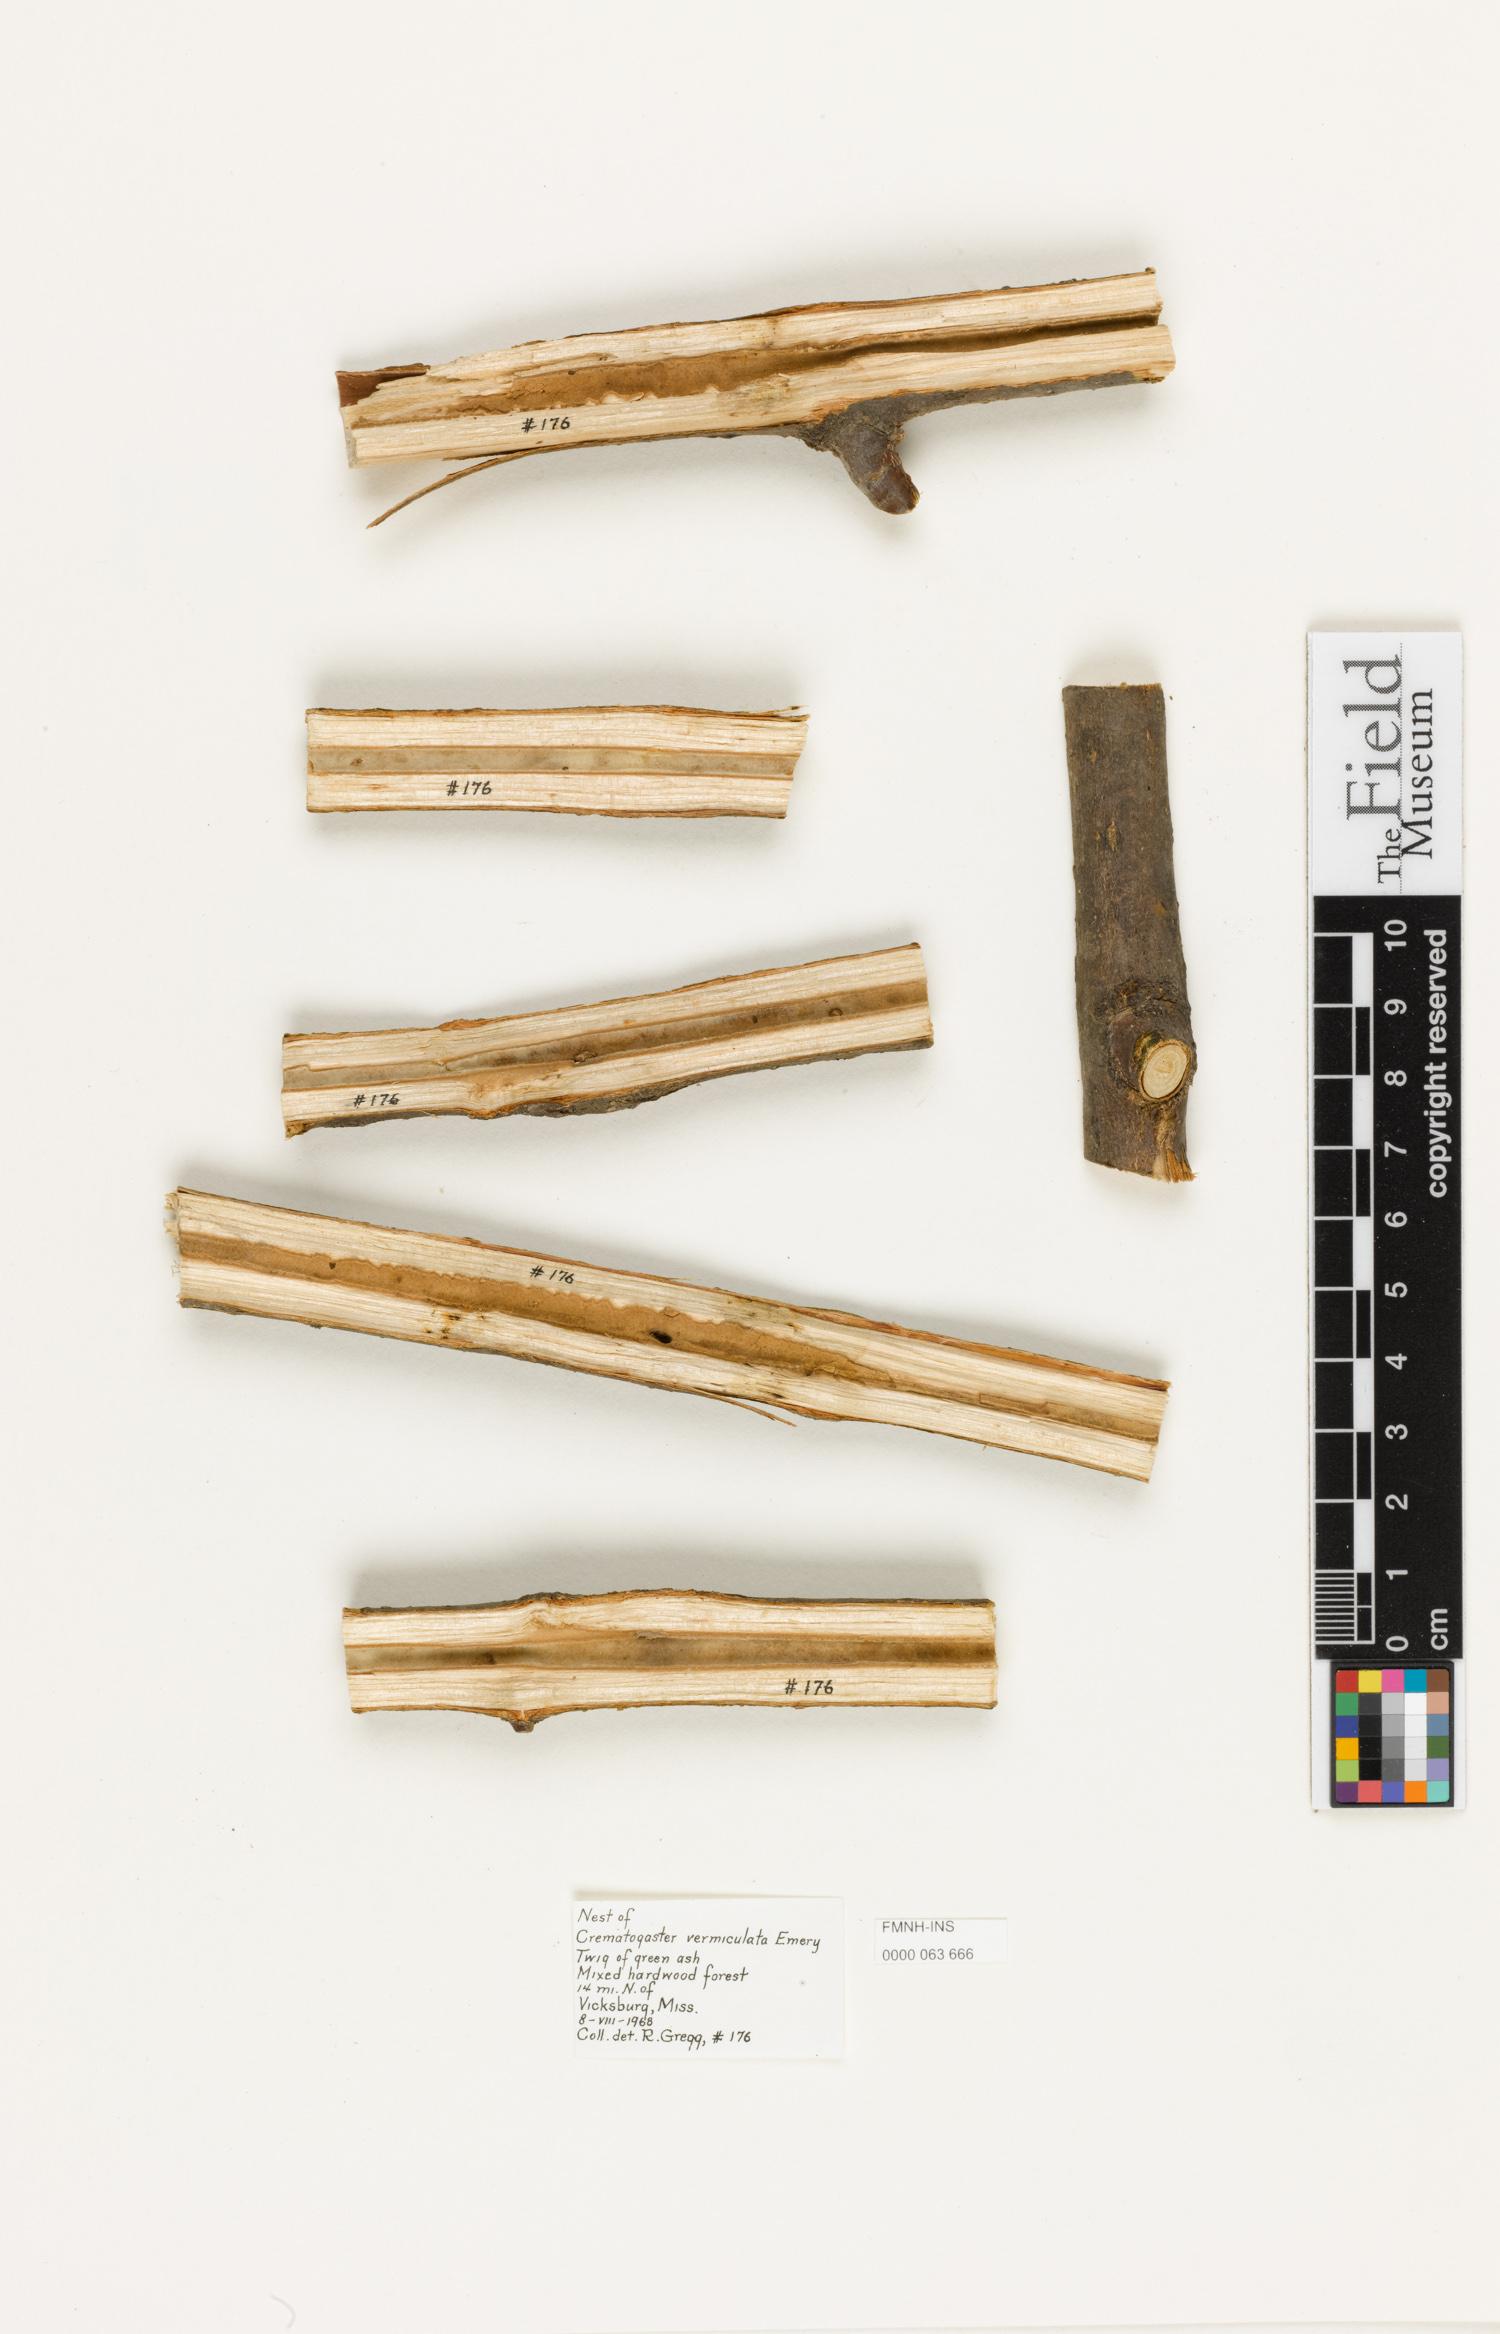 Image of Crematogaster vermiculata